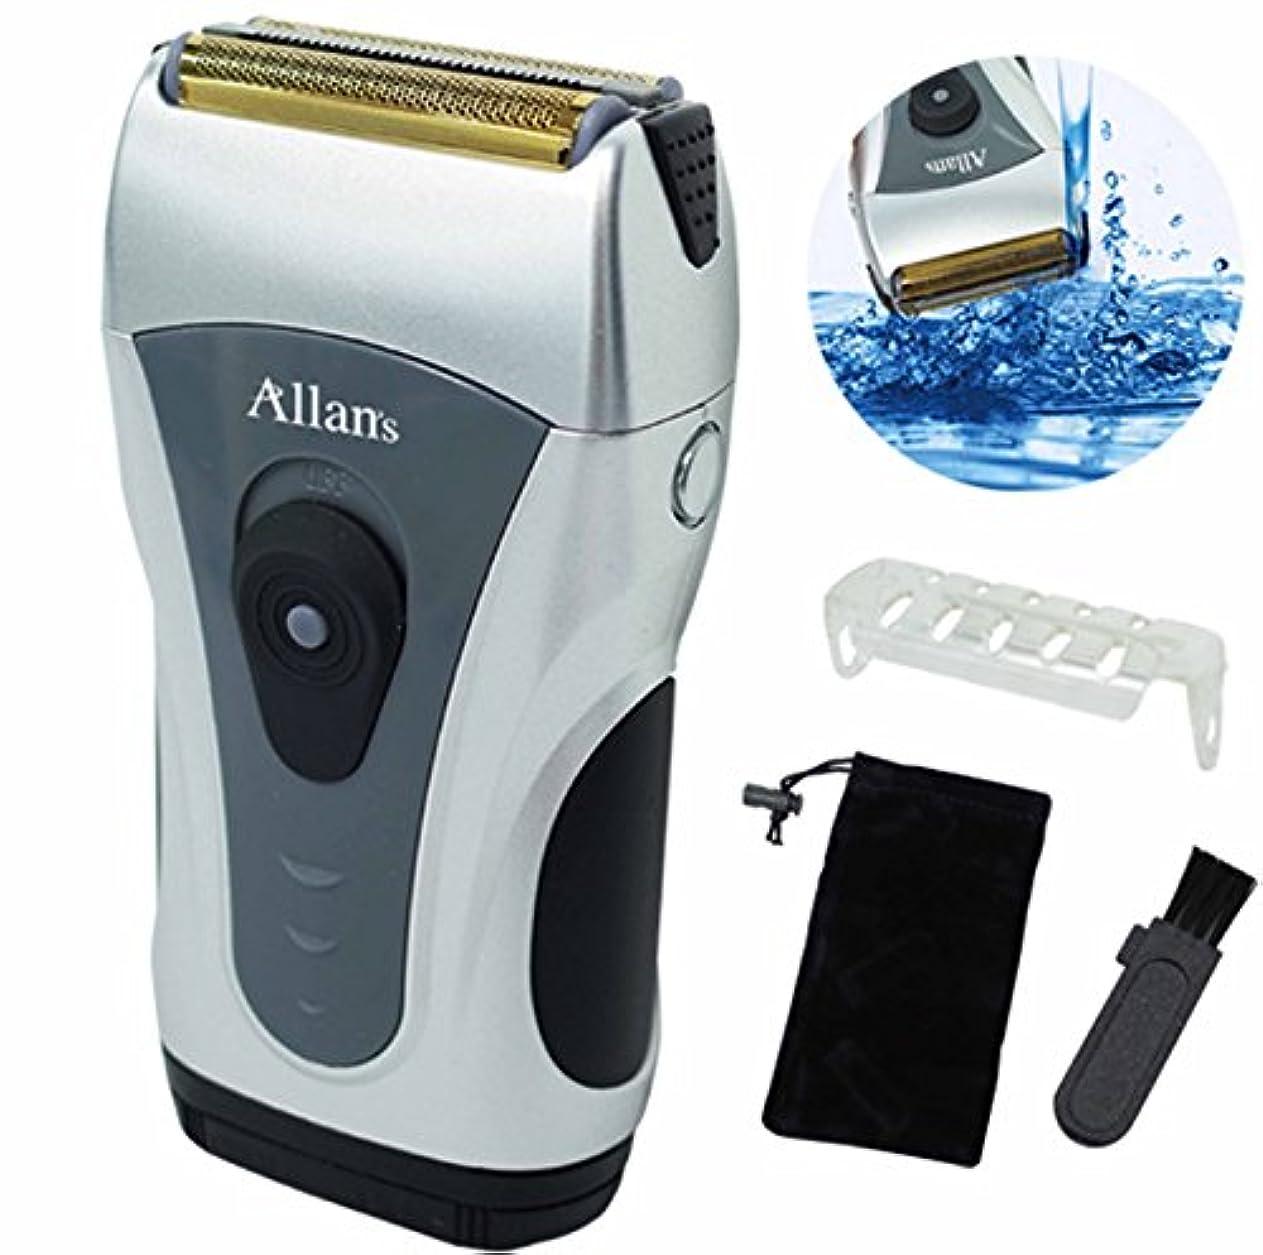 見捨てる読みやすさリブAllans 携帯 電池 式 電動 髭剃り 水洗い ウォッシャブル メンズ シェーバー コンパクト MEBM-29